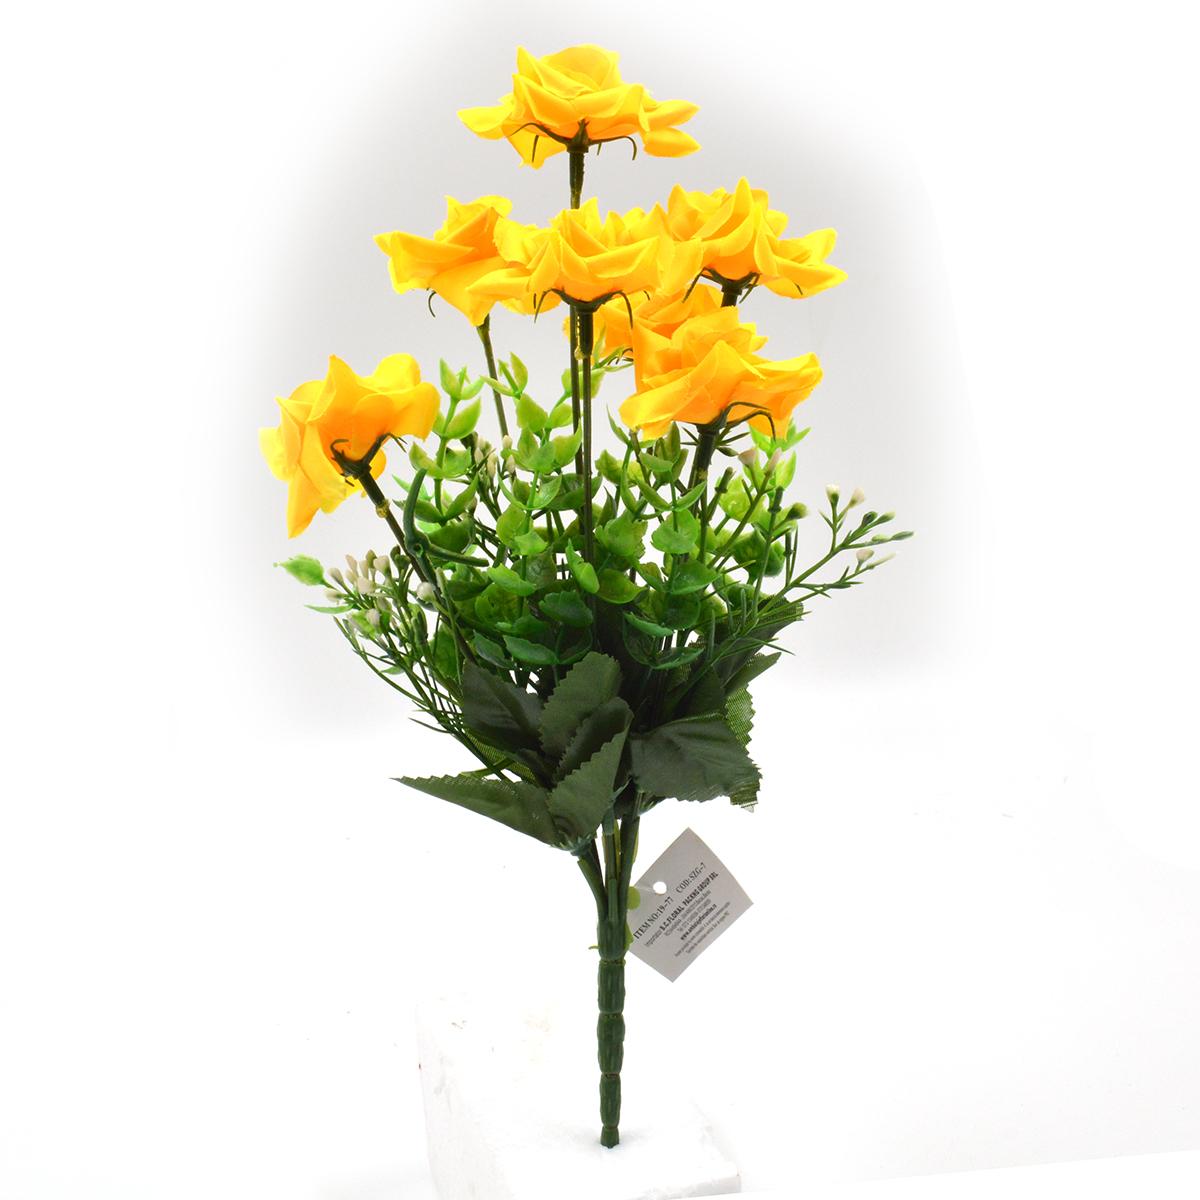 Flori Mini Buchet 7 Miniroze galben